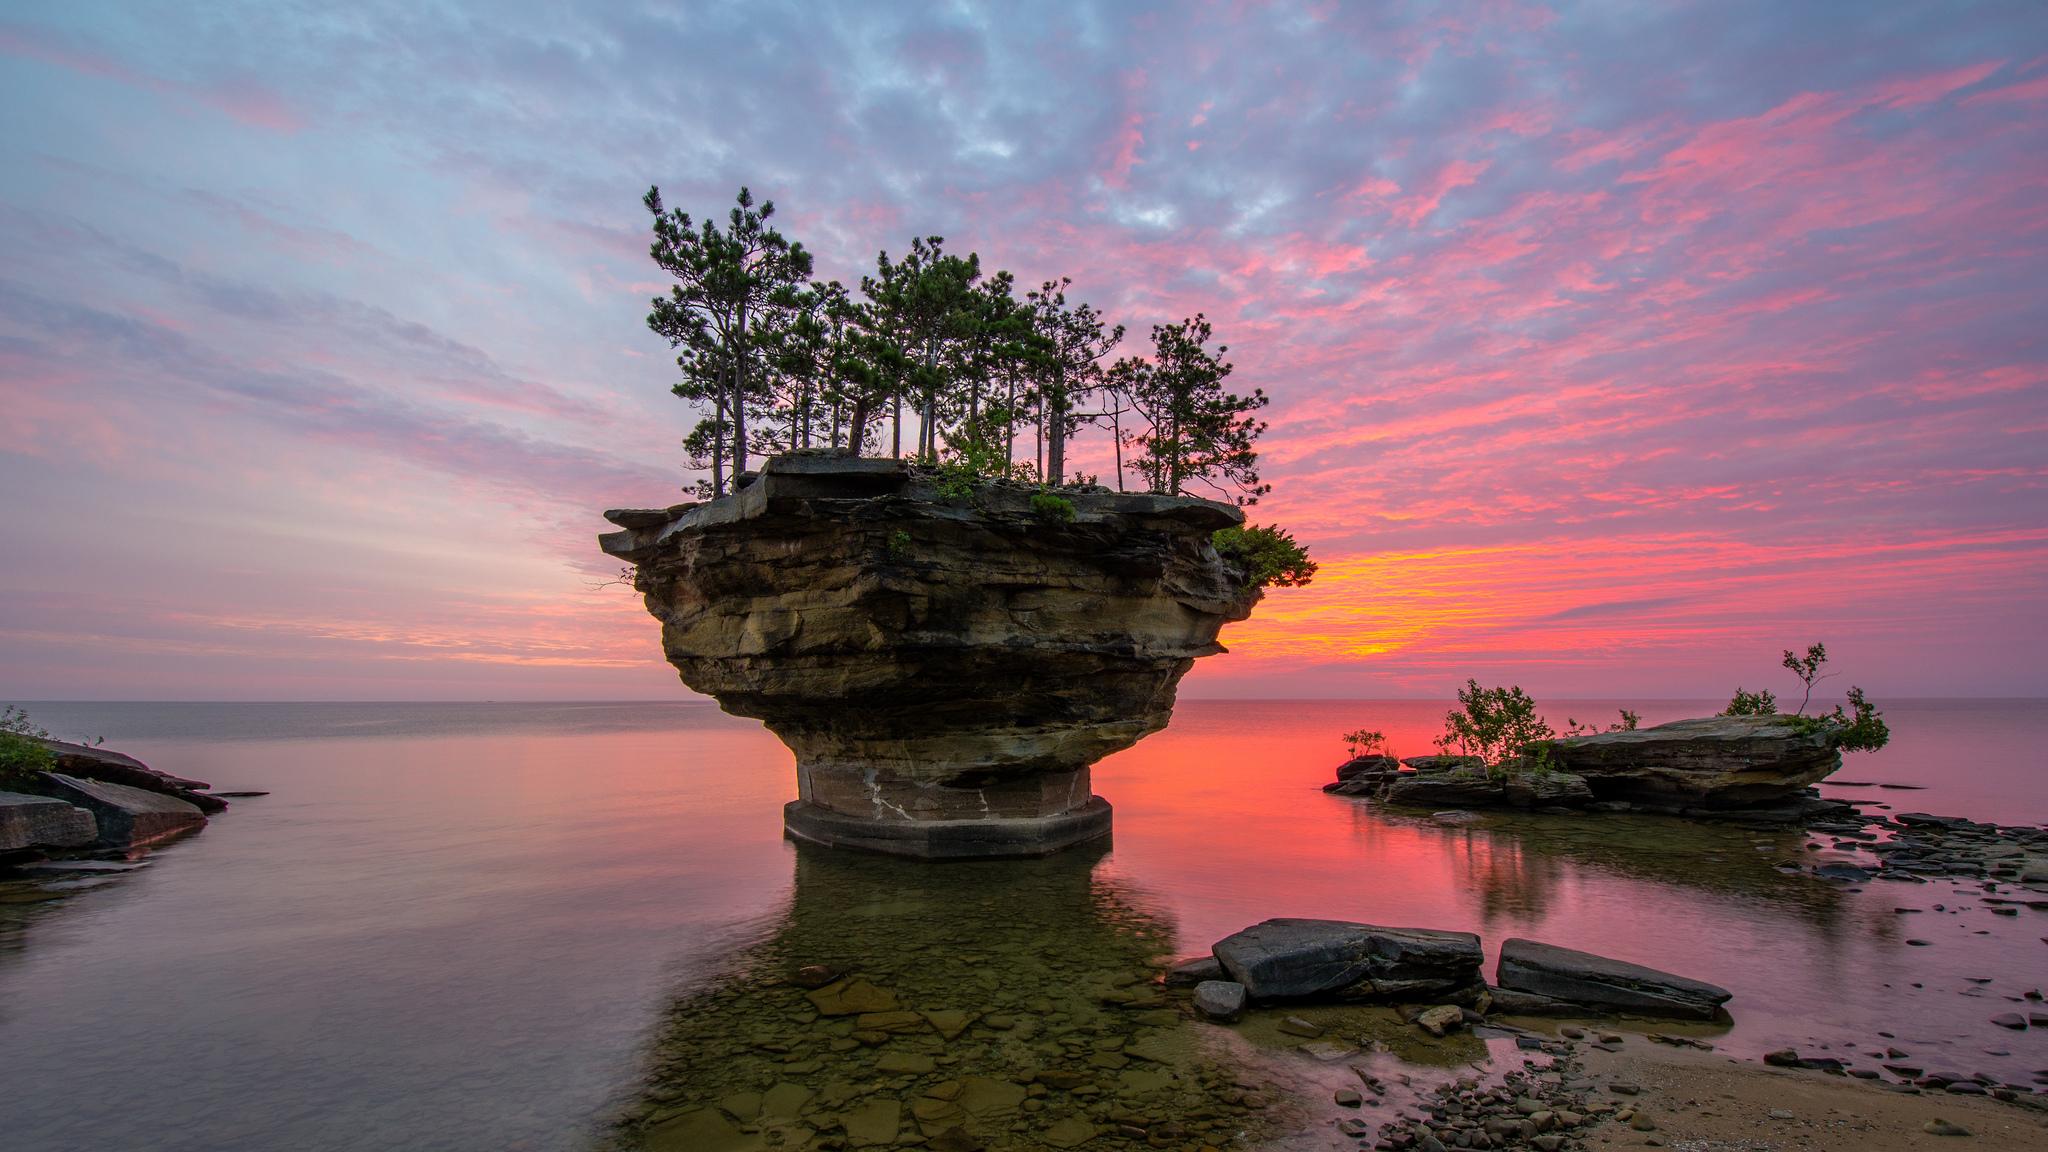 фото удивительные пейзажи землю для